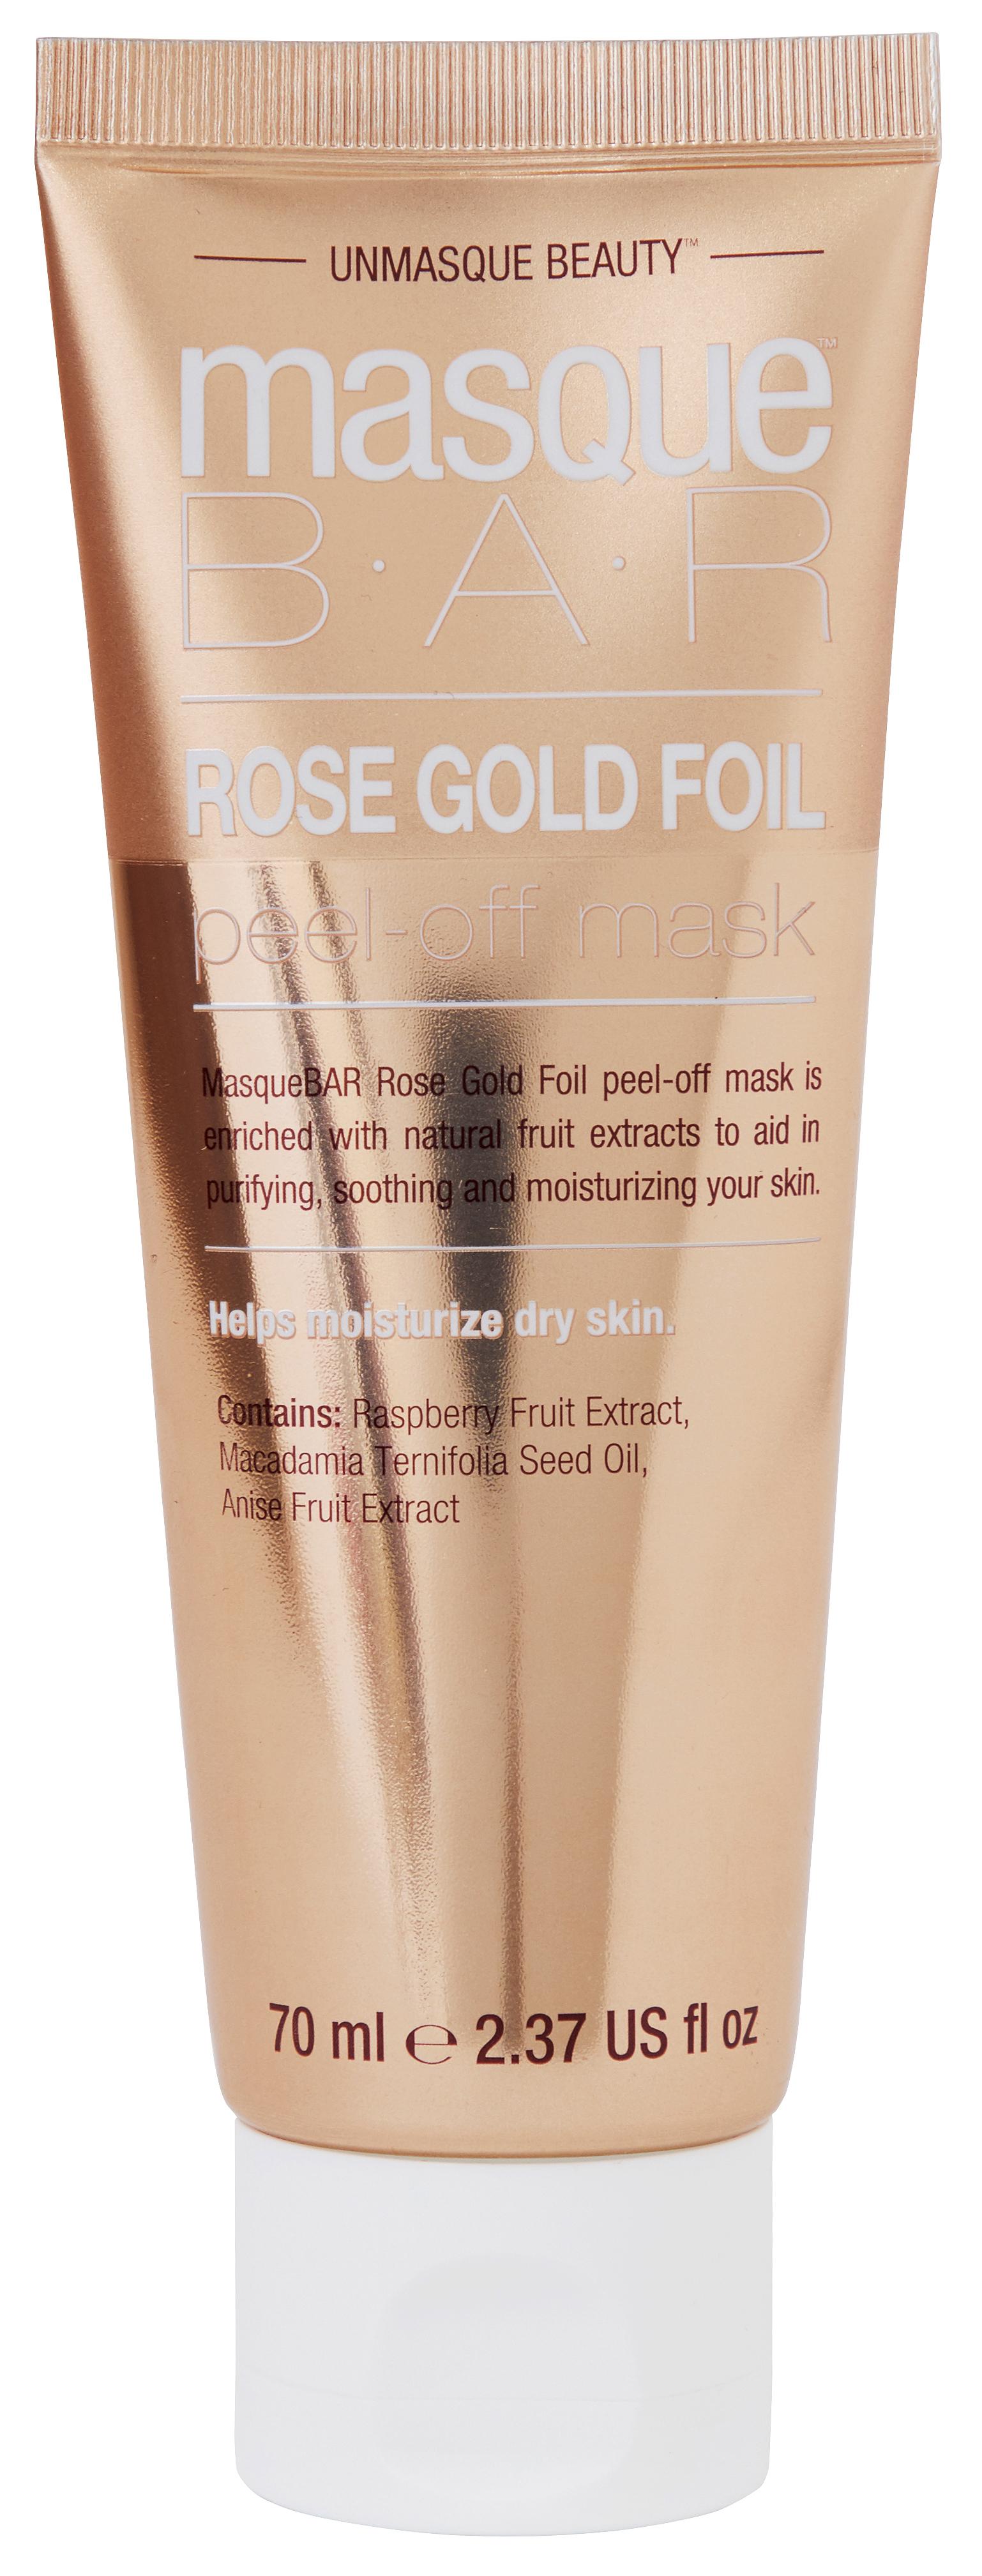 Rose Gold Foil Peel-Off Mask Tube 70ml